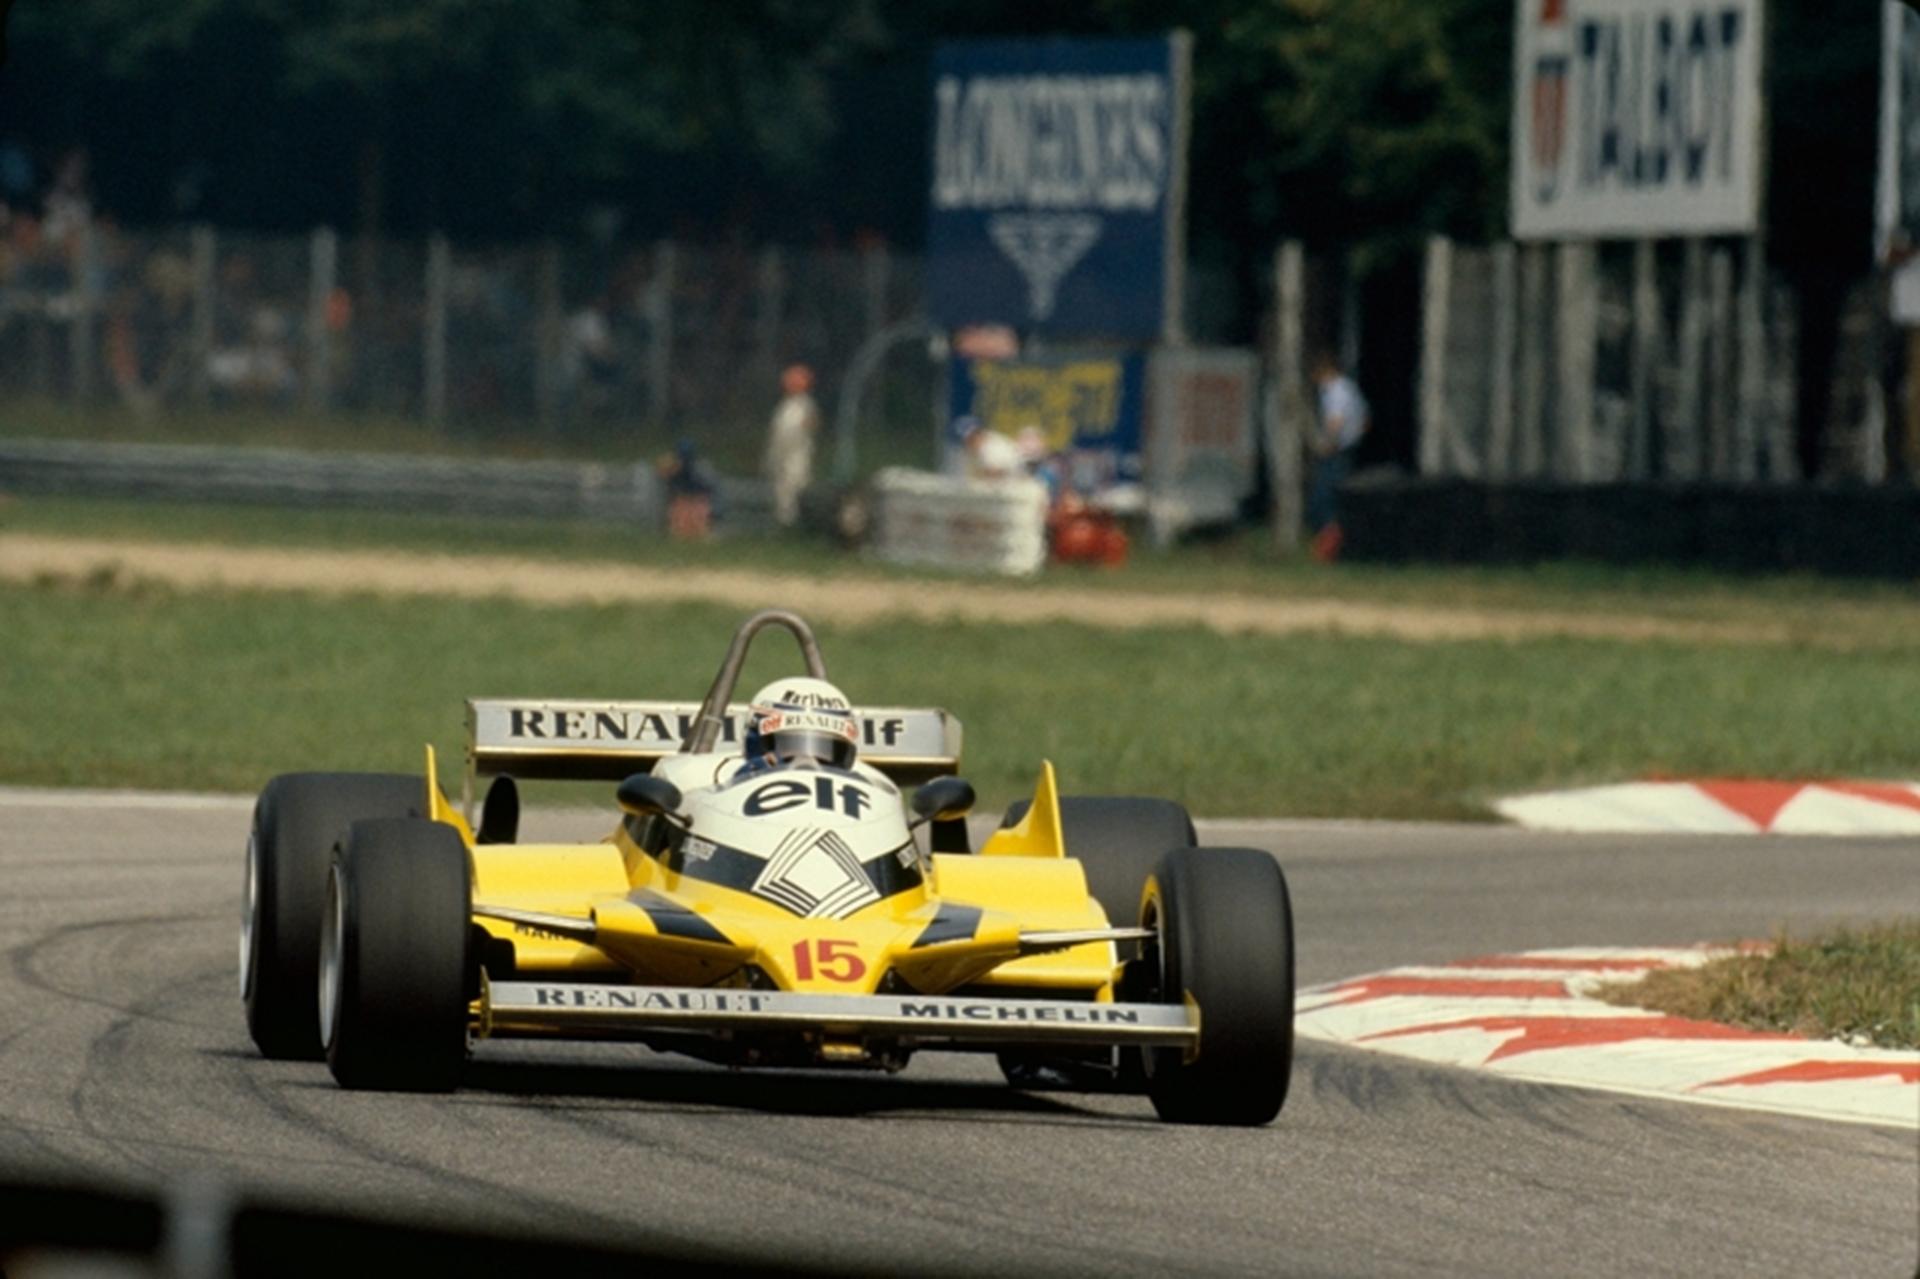 Etter litt innledende kluss, var Prost den store stjernen i andre halvdel av 1981-sesongen, og viste seg som en framtidig verdensmester-kandidat.